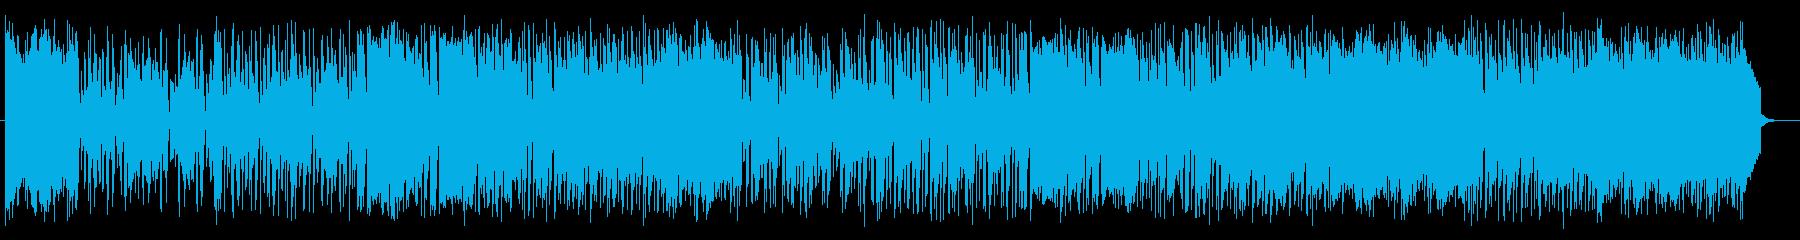 明るくゆったりとした曲の再生済みの波形